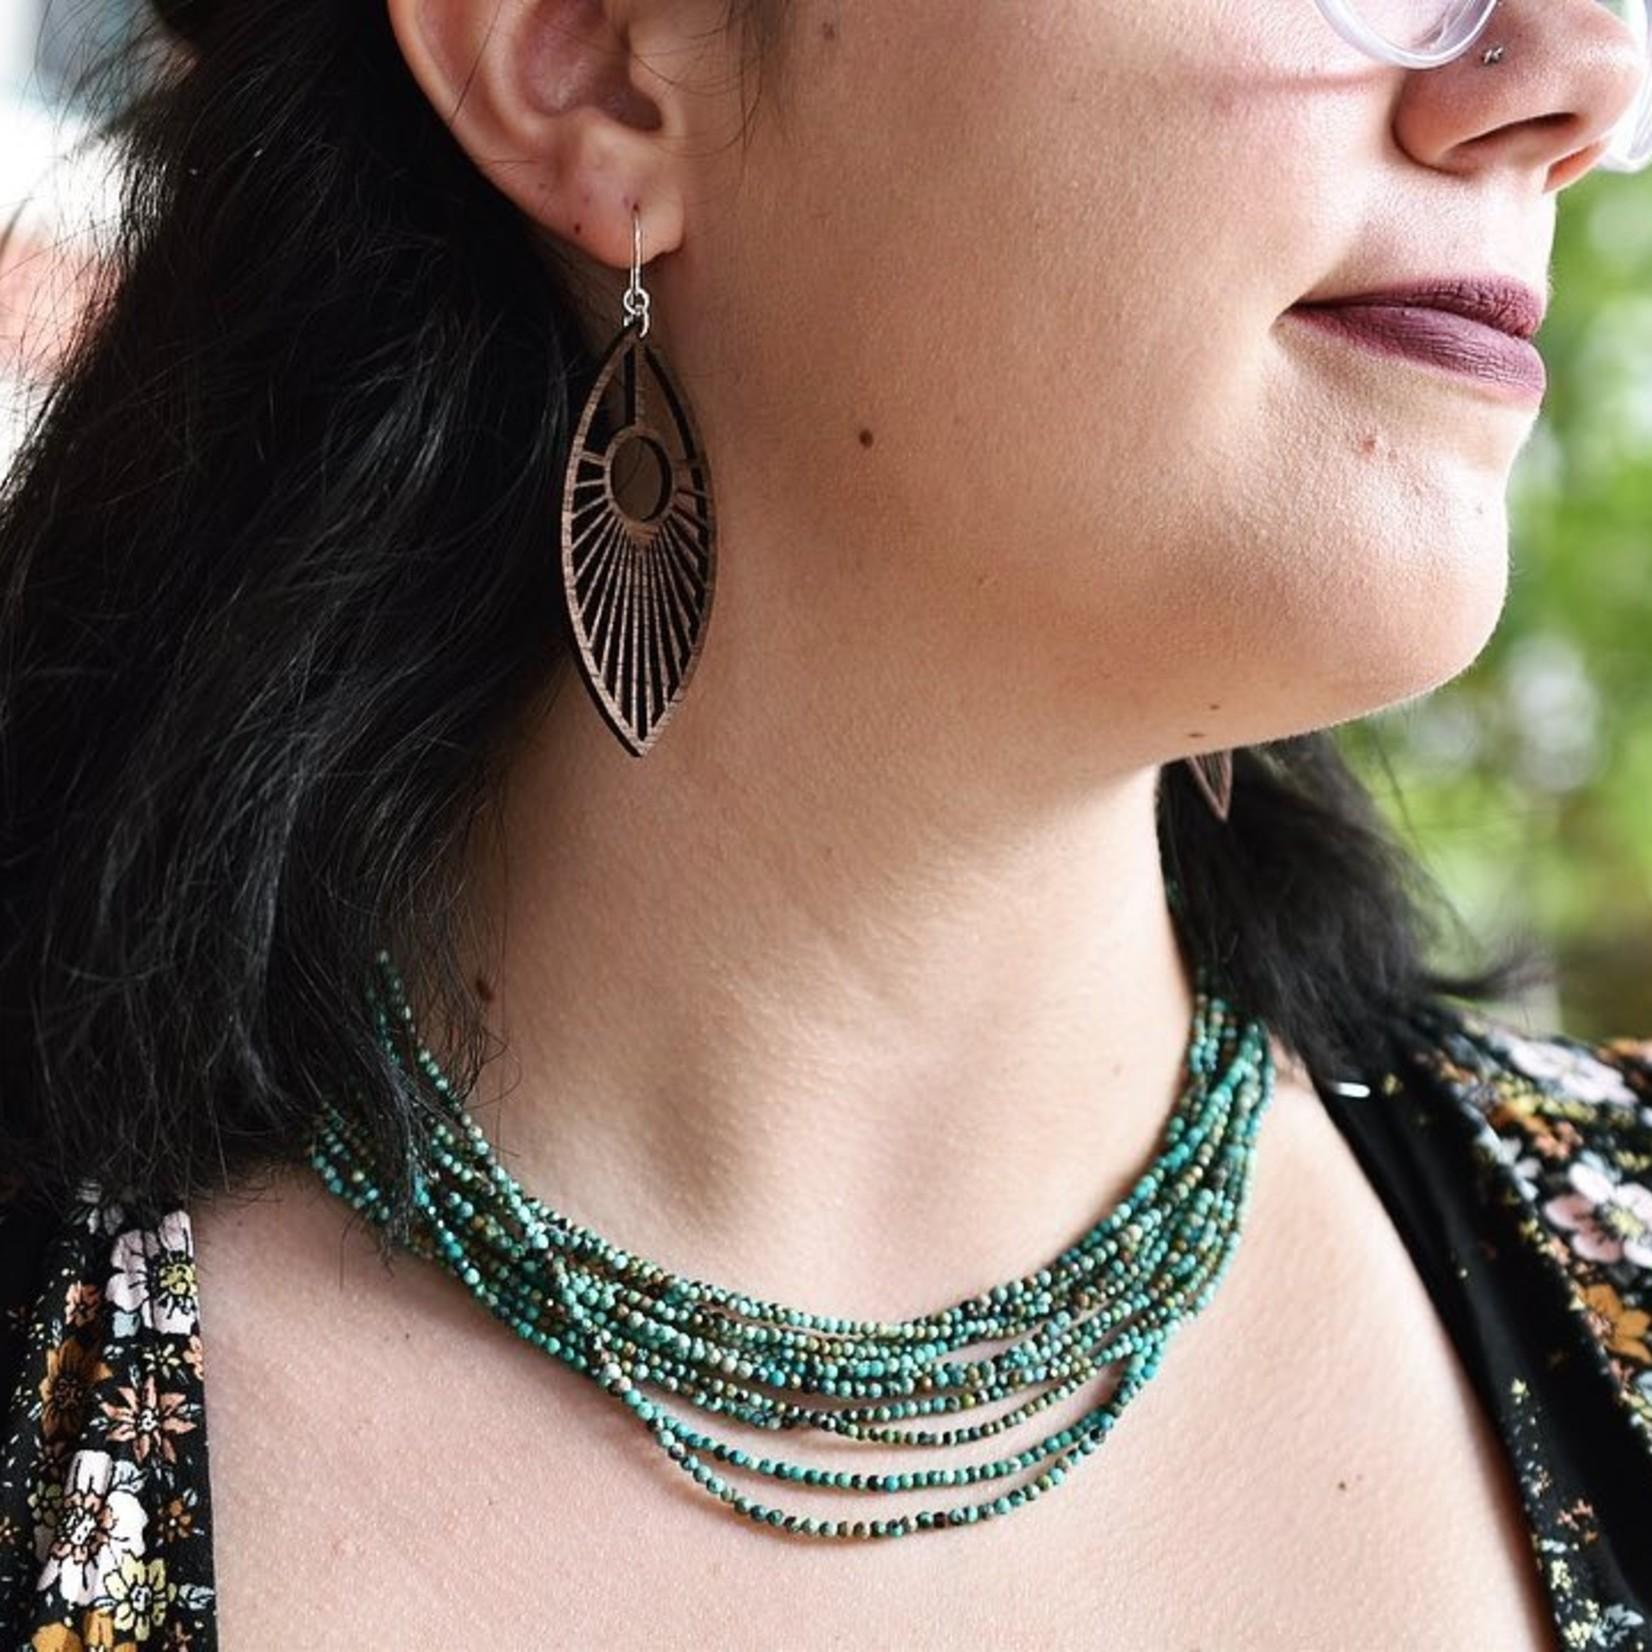 Peacock Lasercut Wood Earrings